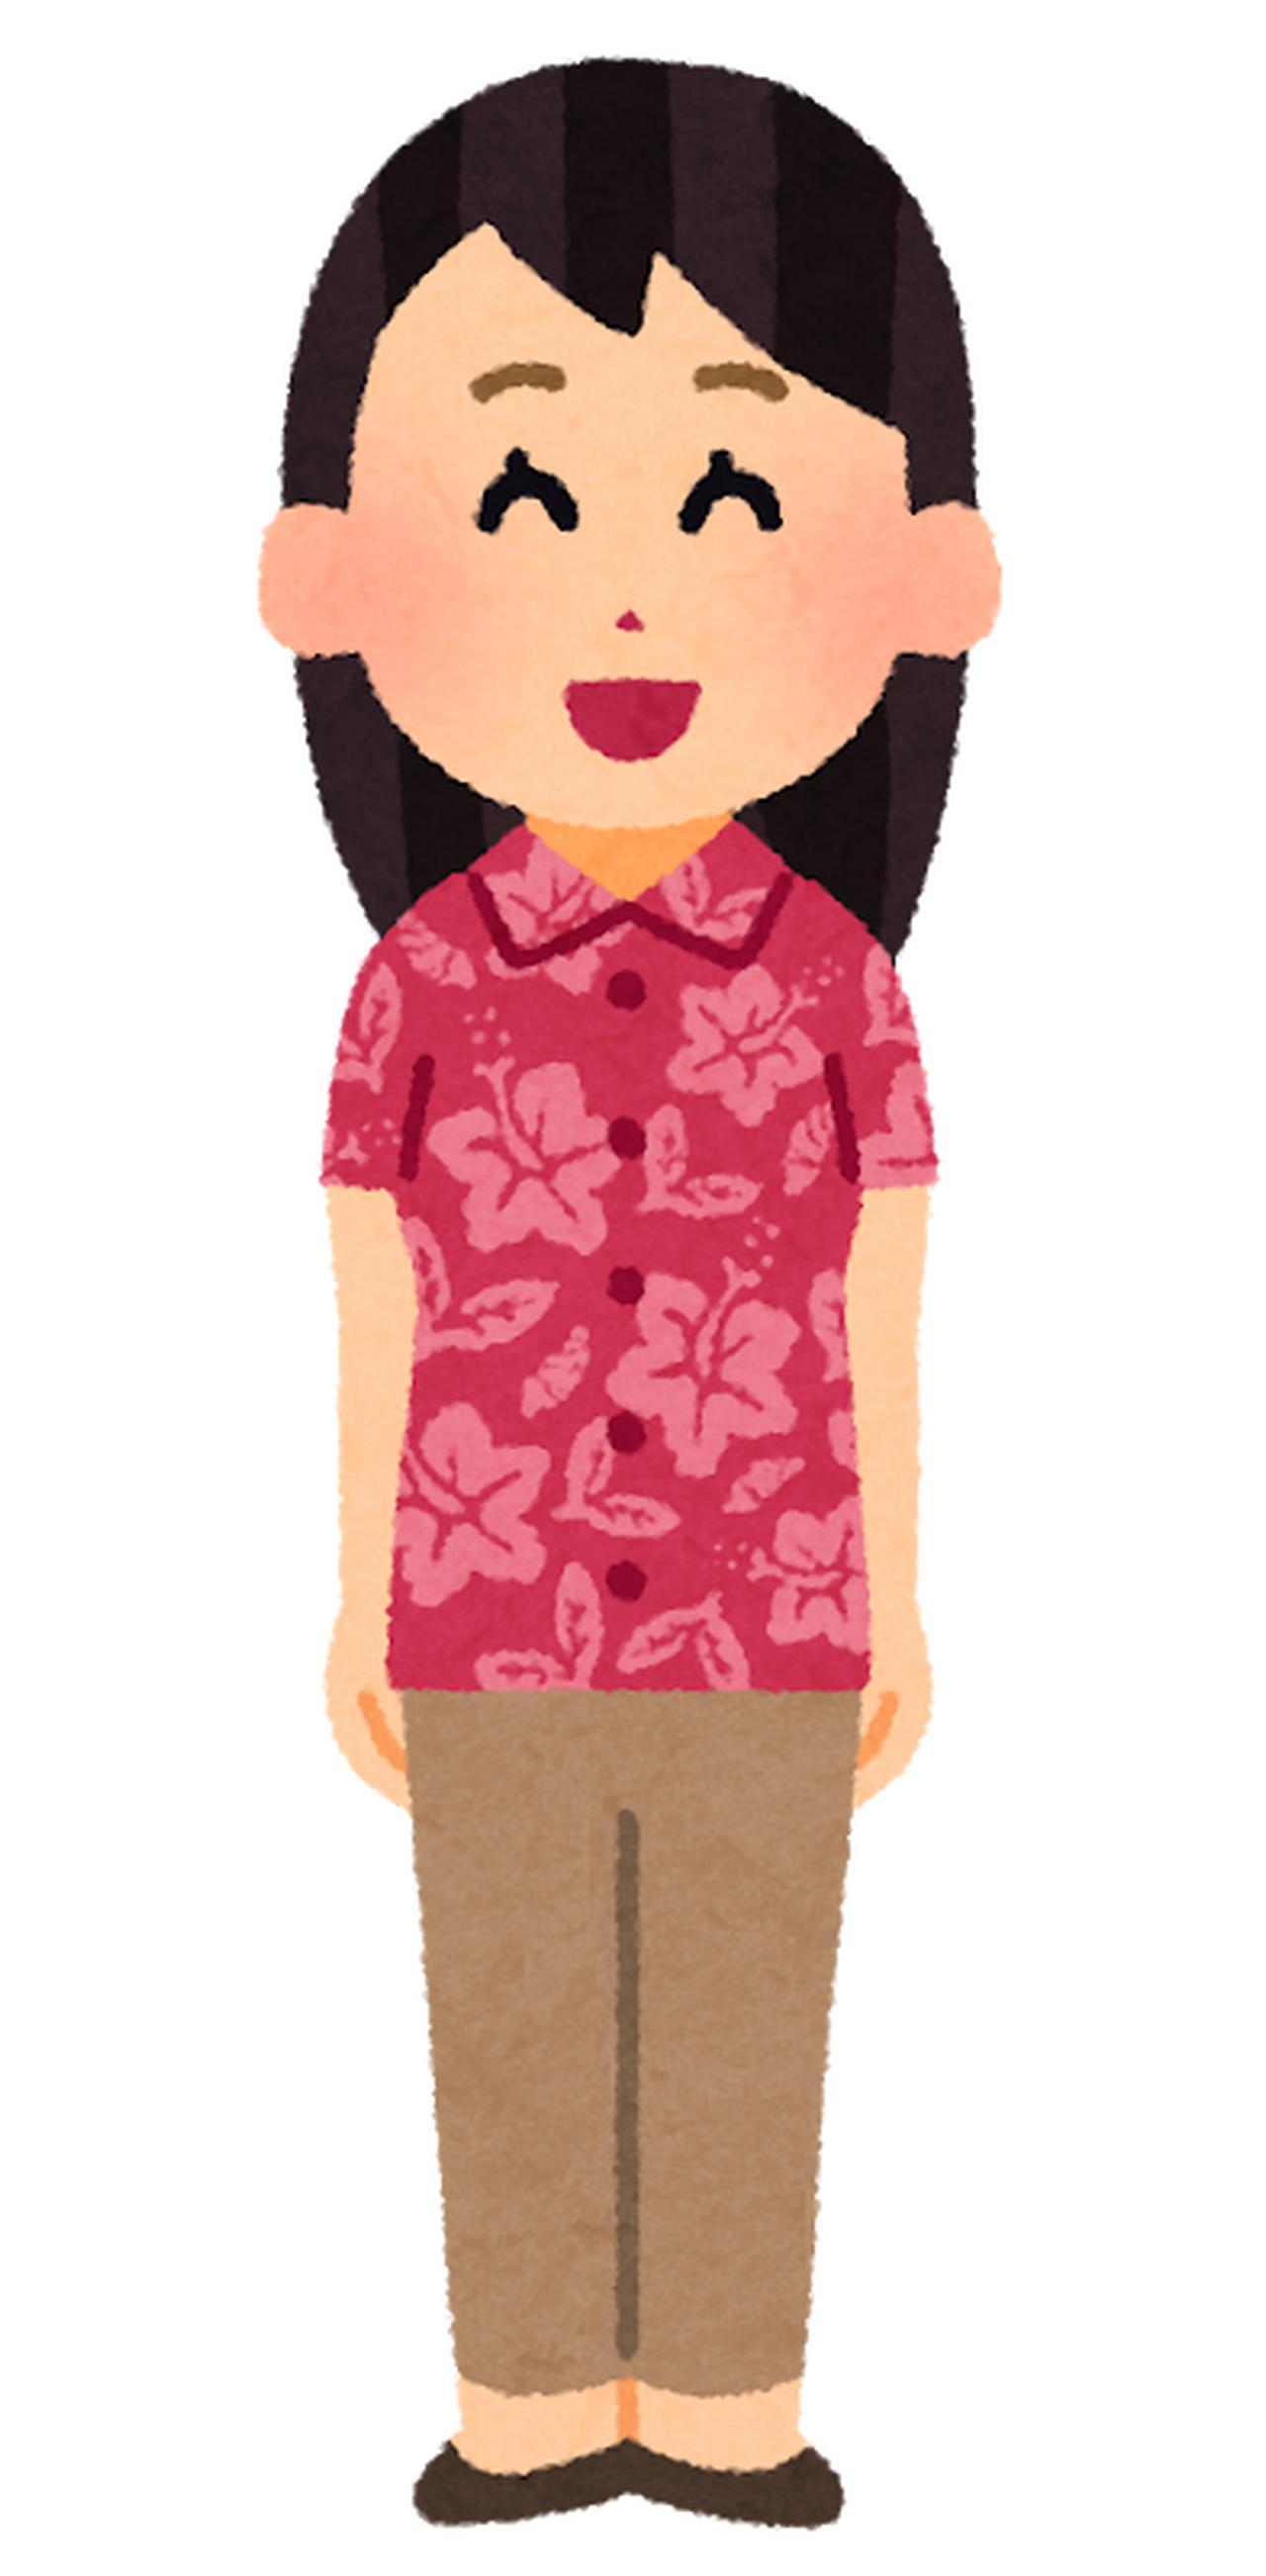 画像4: 夜を美しくする〇〇シリーズ<第3回> 『ネイティブハワイアンの聖地/ハワイ島』 【好奇心で旅する海外】<夜空の物語>